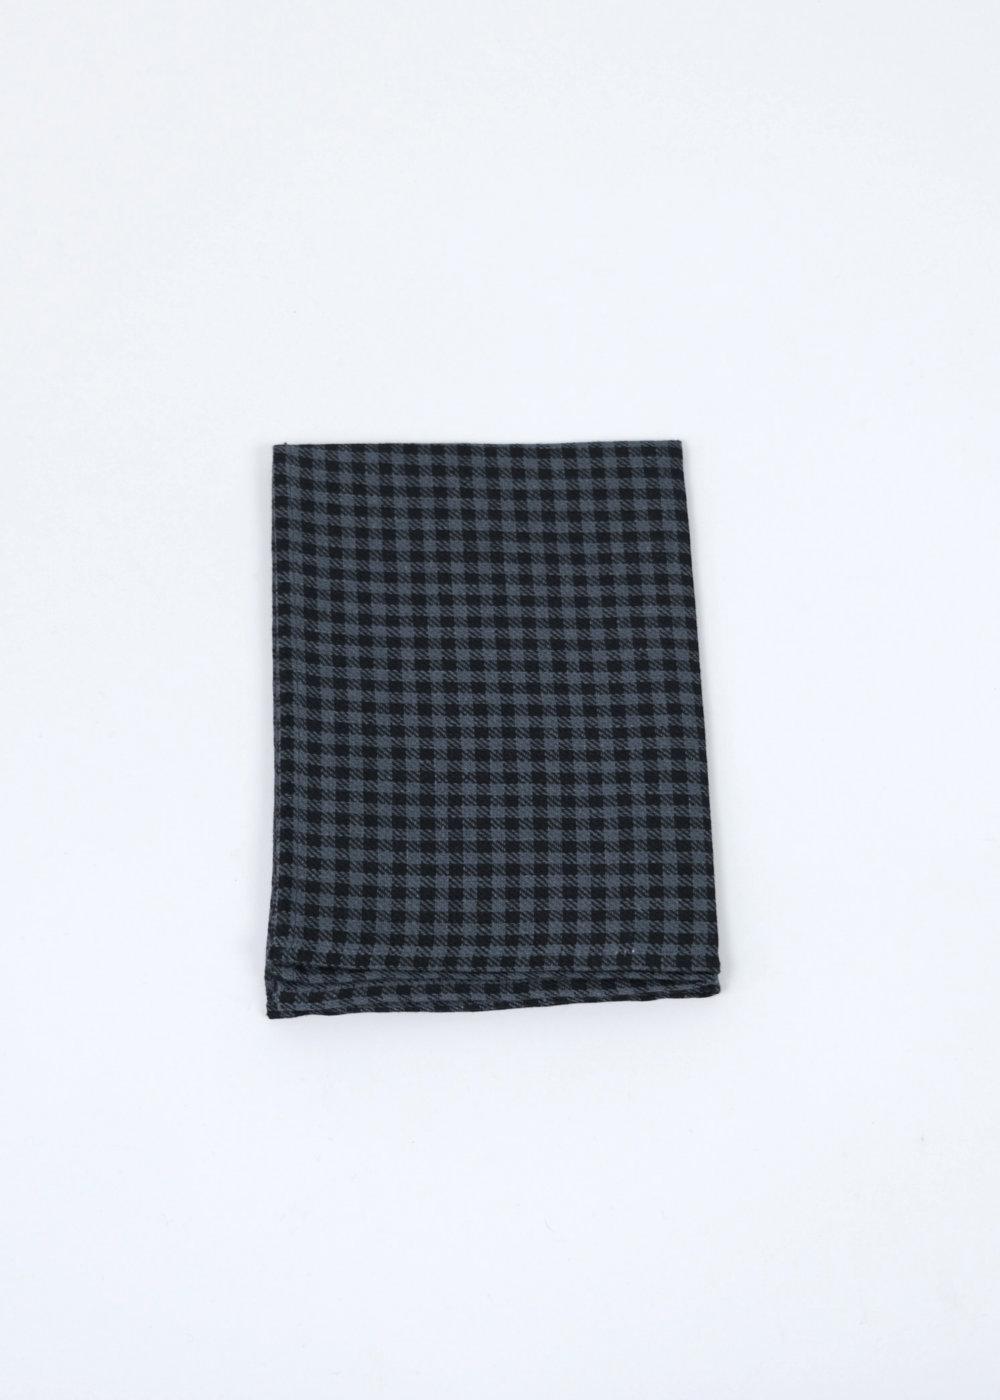 foglinenwork-linenkitchencloth-theo1